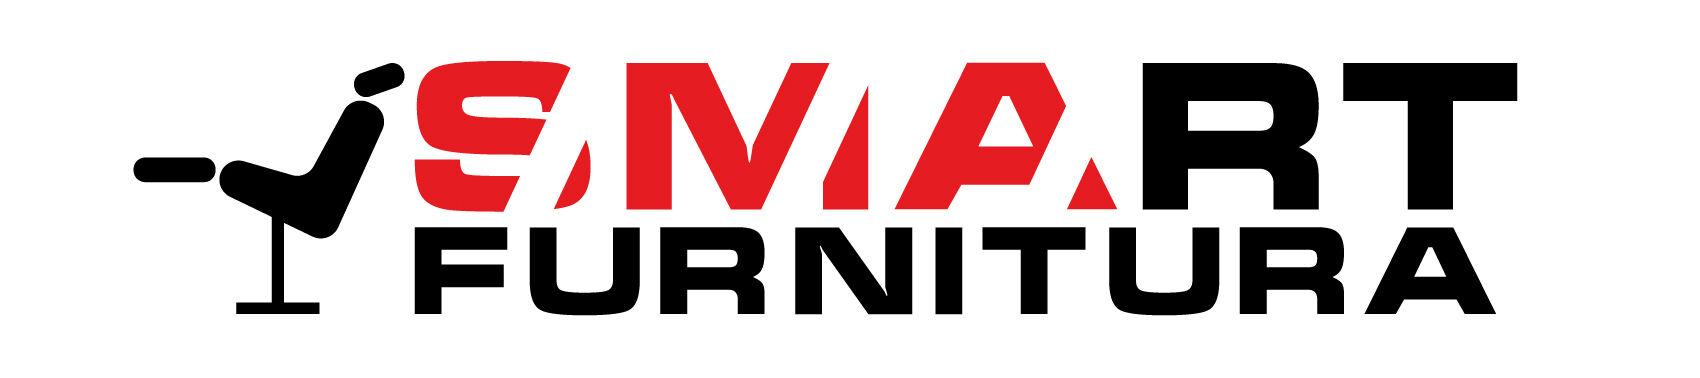 SmartFurnitura.Com - онлайн витрина комплектующих для хорошей мебели